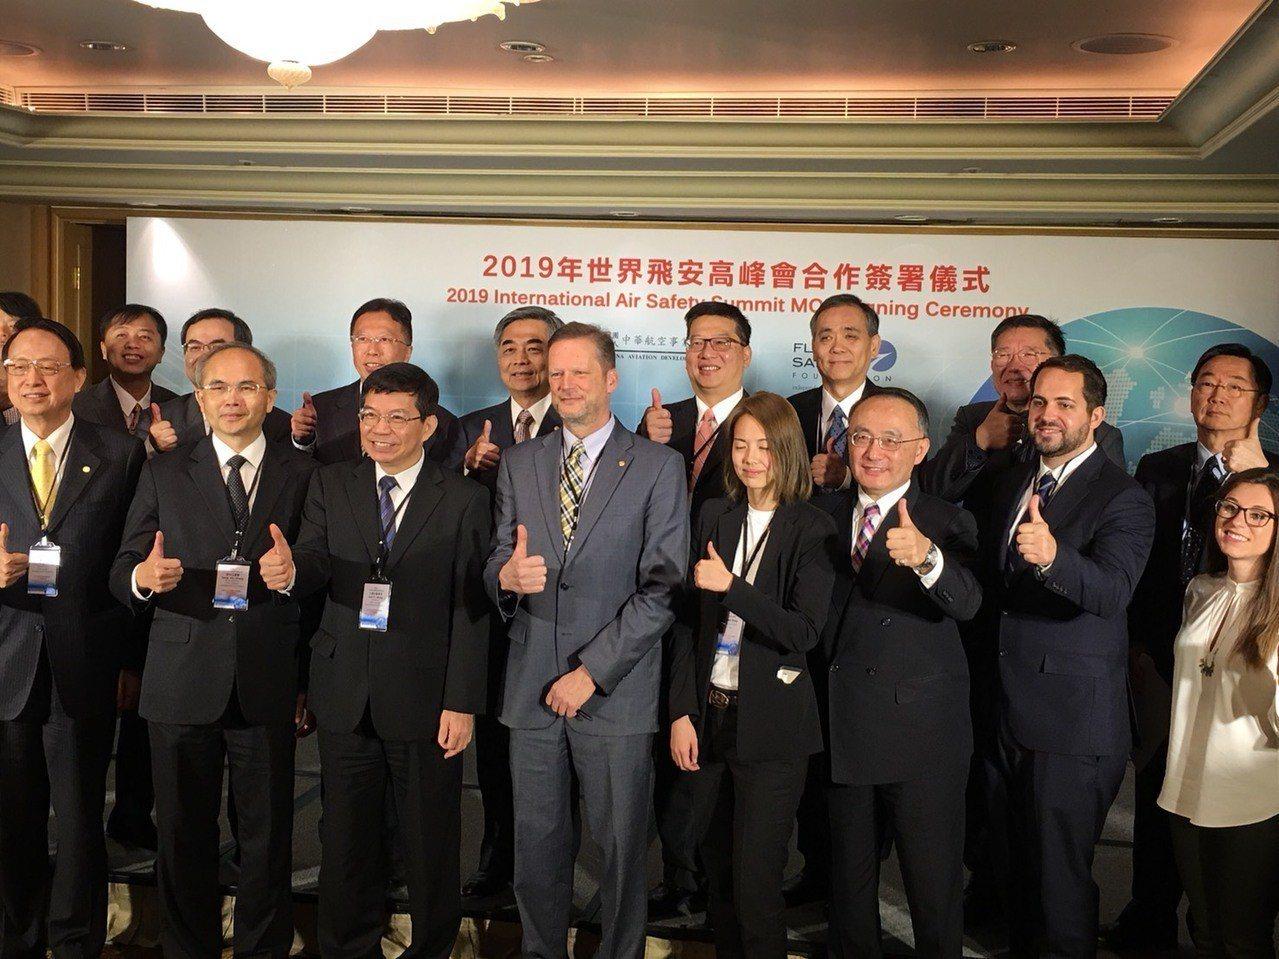 世界飛安年會2019年將於台北舉辦,今天飛安會董事長王國材和美國世界飛安基金會(...